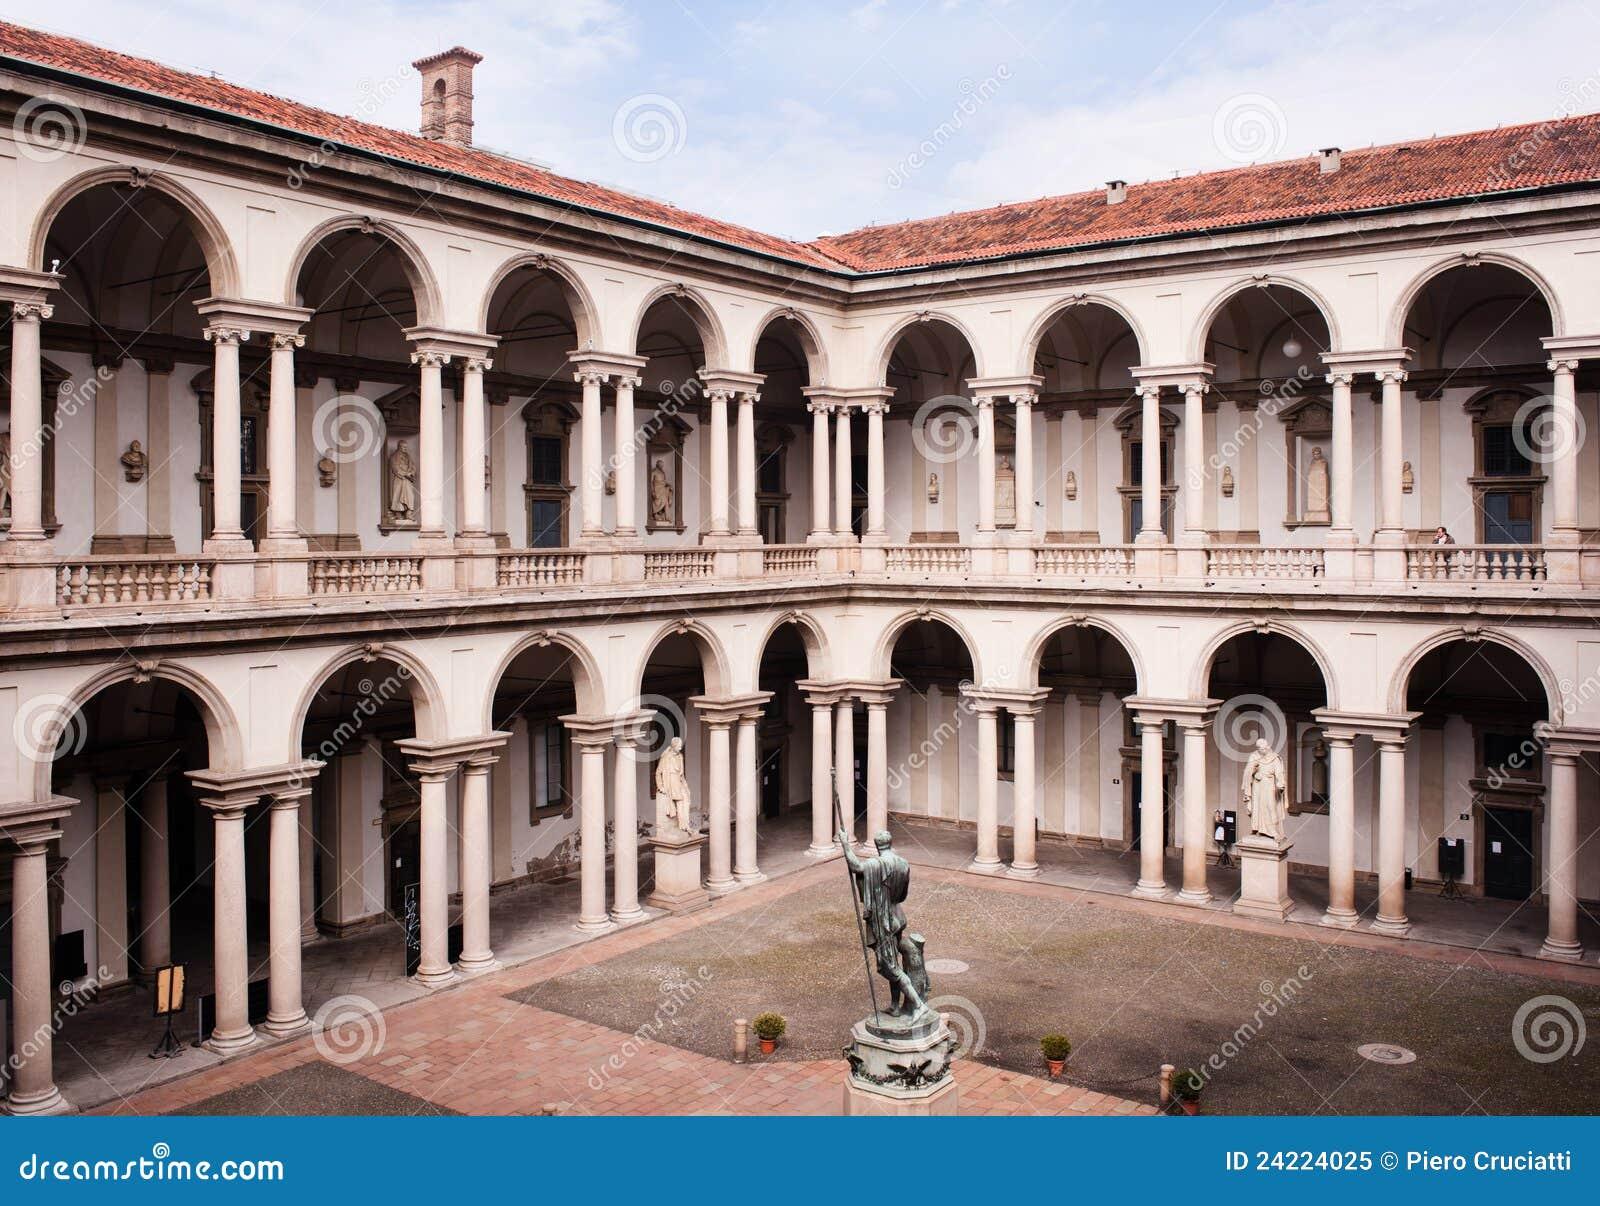 Cortile del palazzo di brera a milano immagine editoriale for Accademia di brera